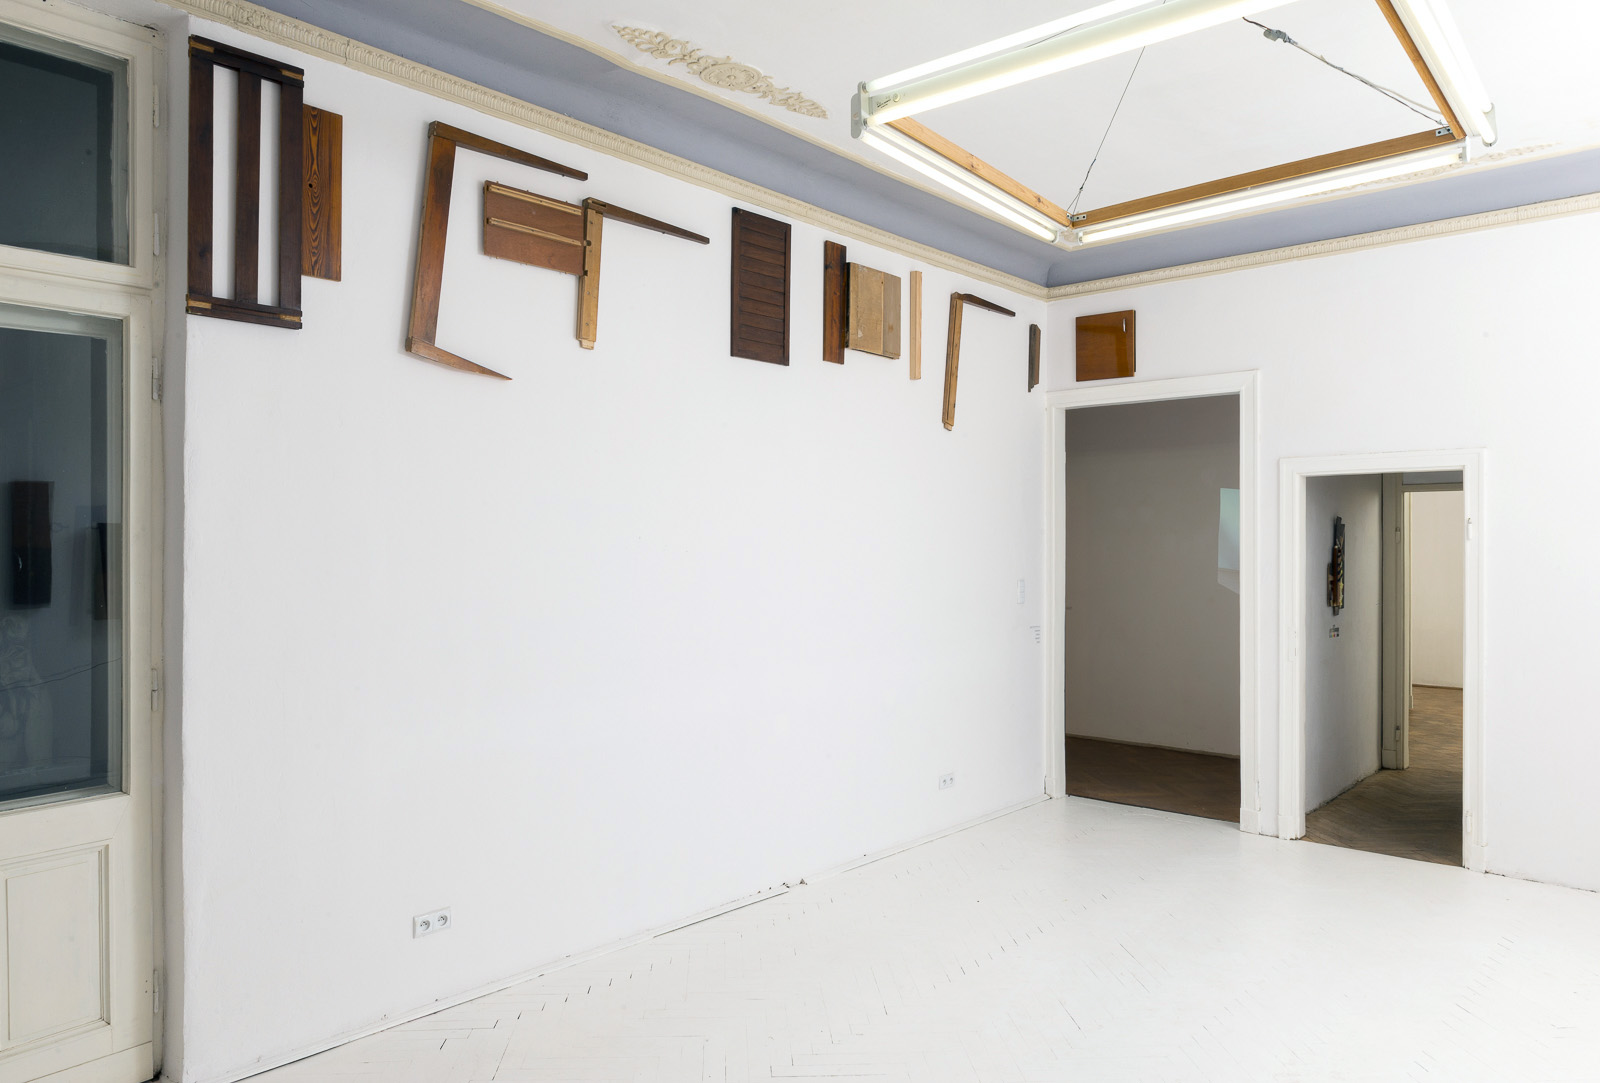 Jan Mioduszewski, Fryz zelementów mebli ilistew, 2014, instalacja